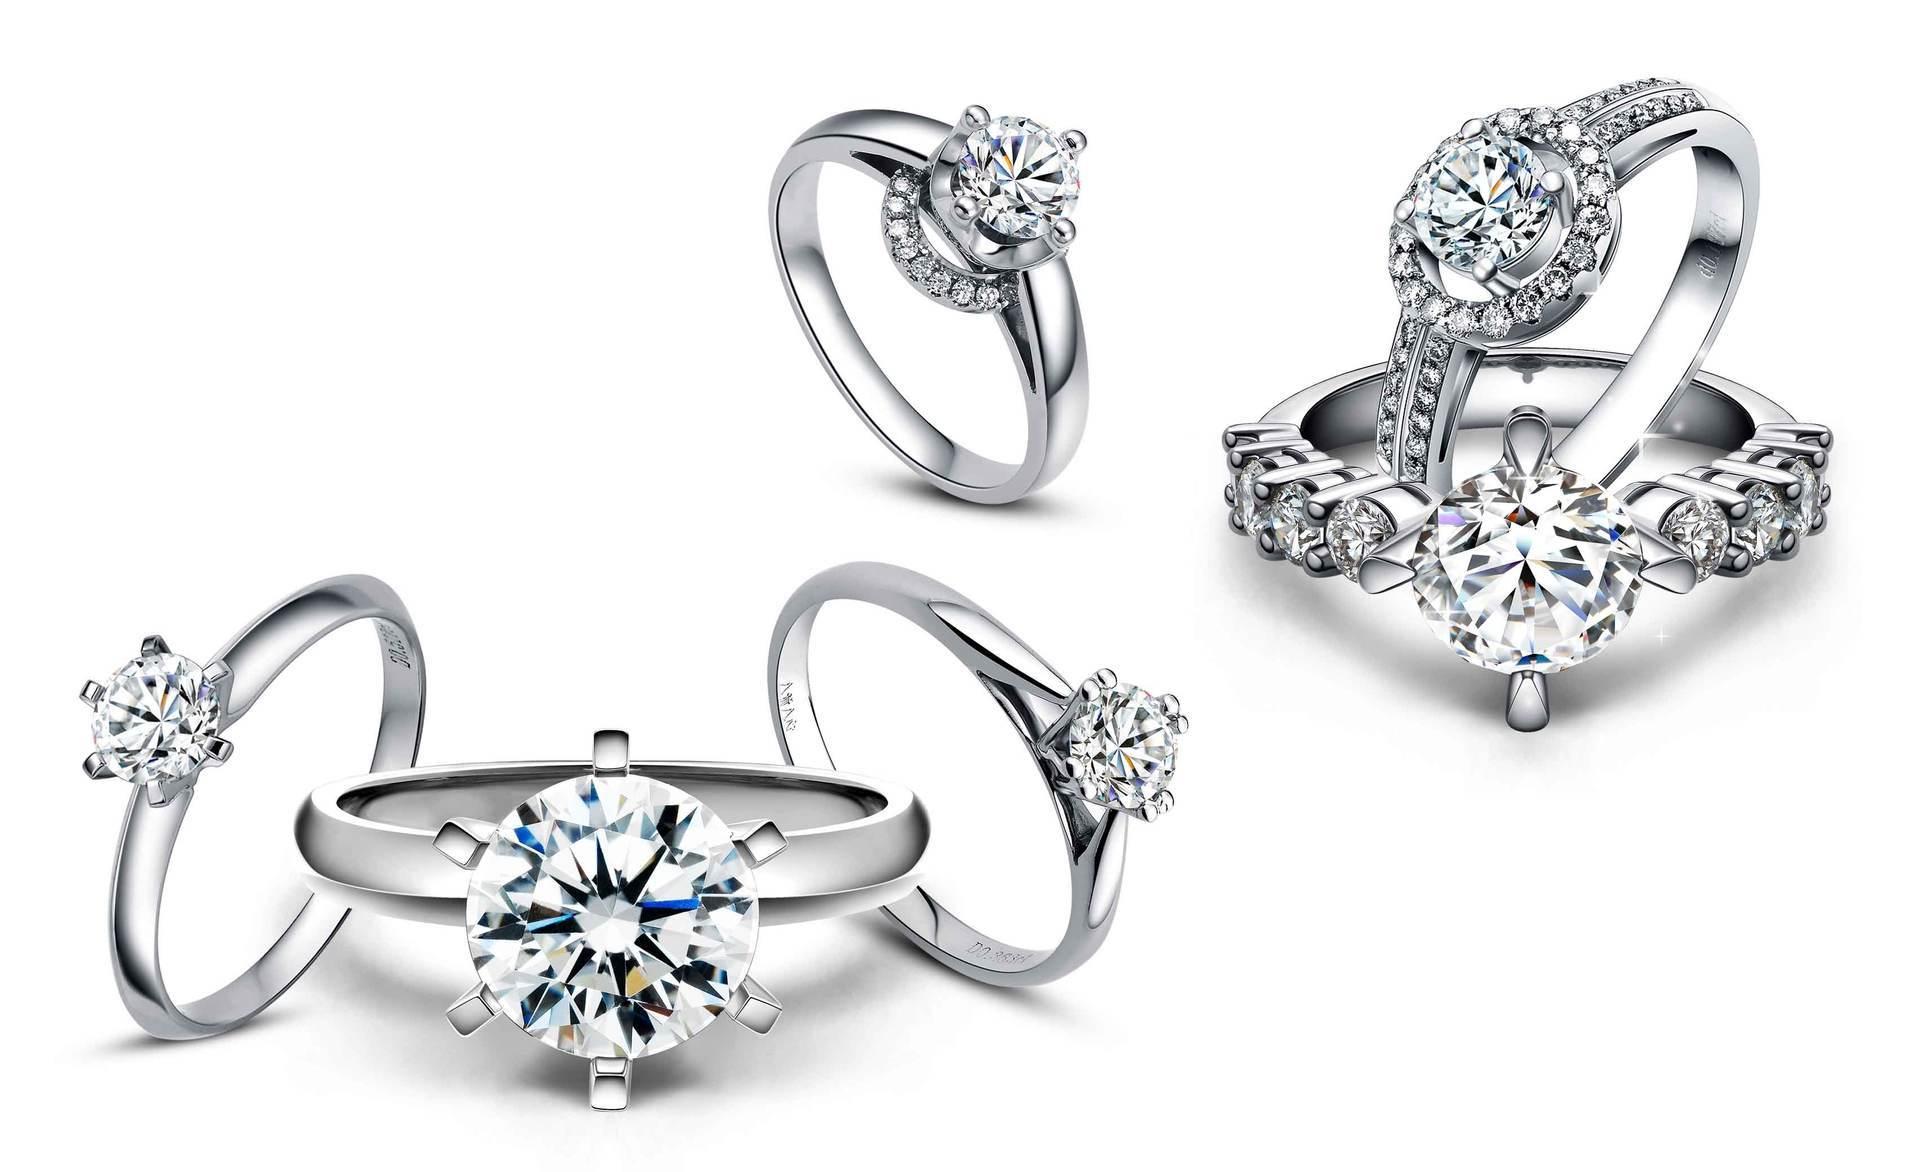 中国女性消费者调查:大多数人接受了钻石的培育